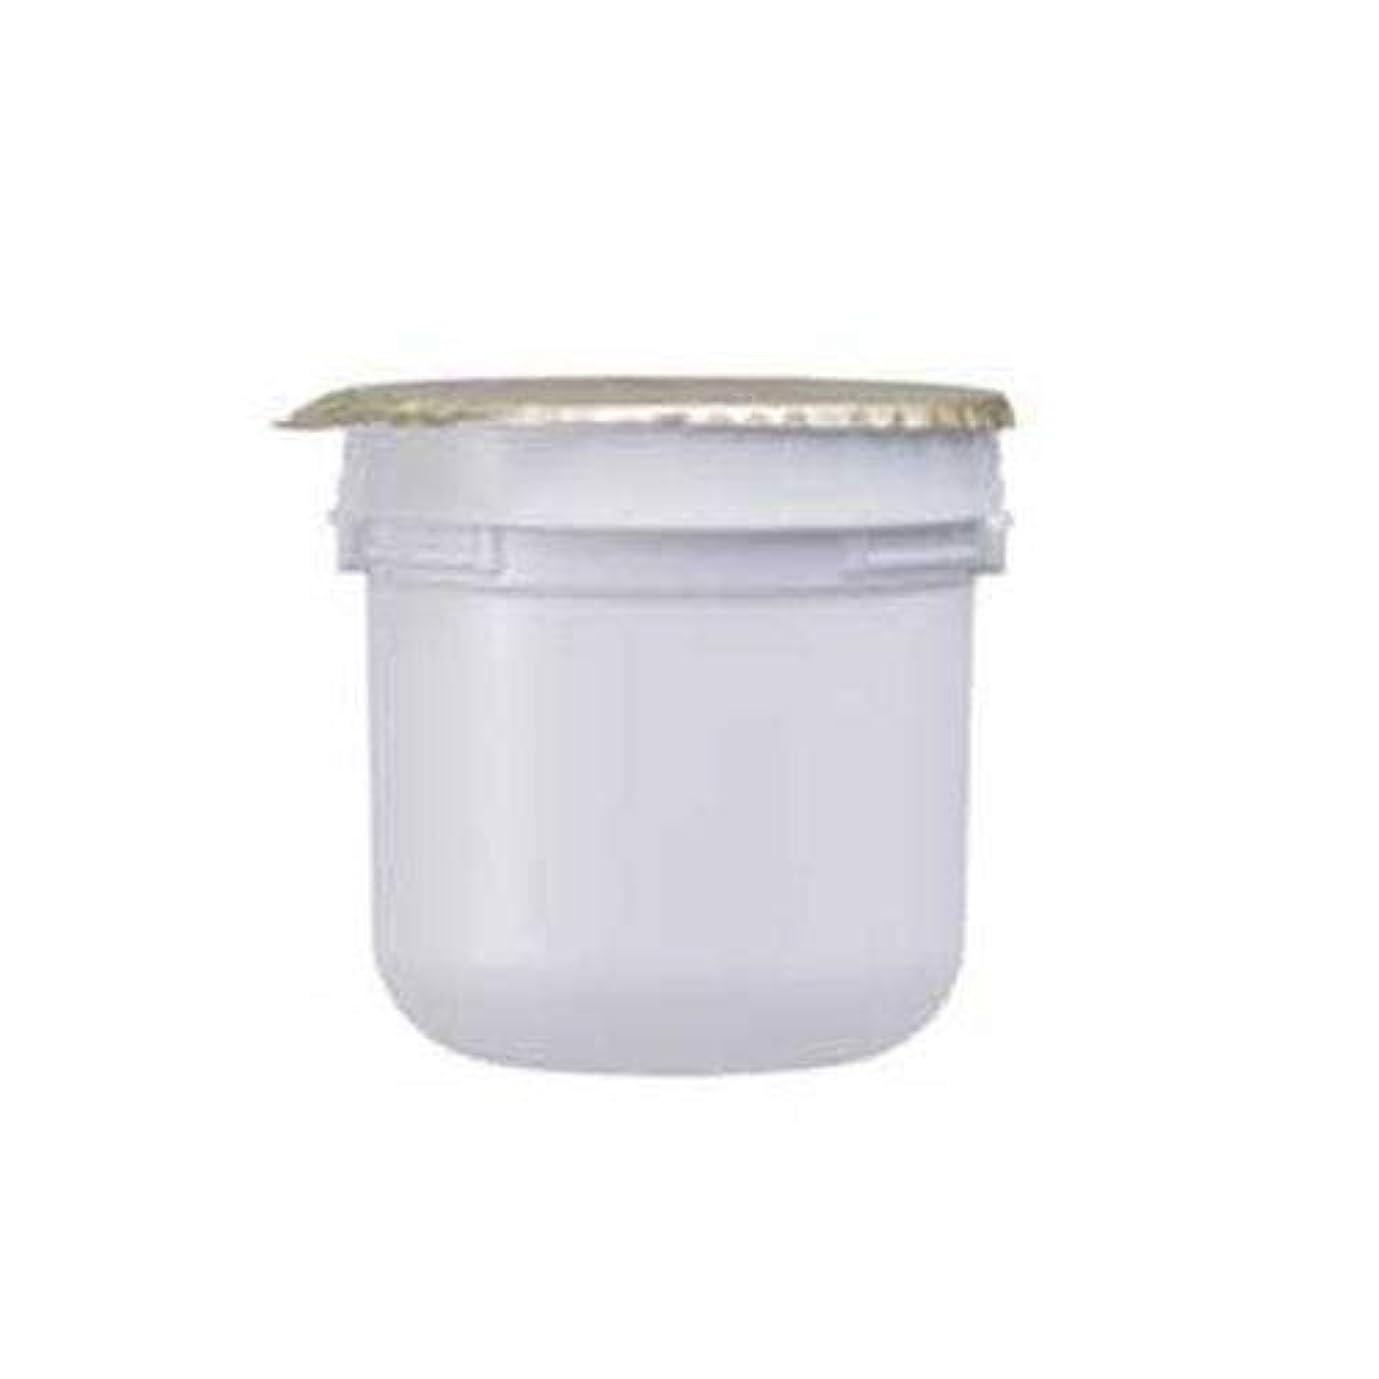 改革風味フラグラントアスタリフト ホワイト クリーム 30g レフィル